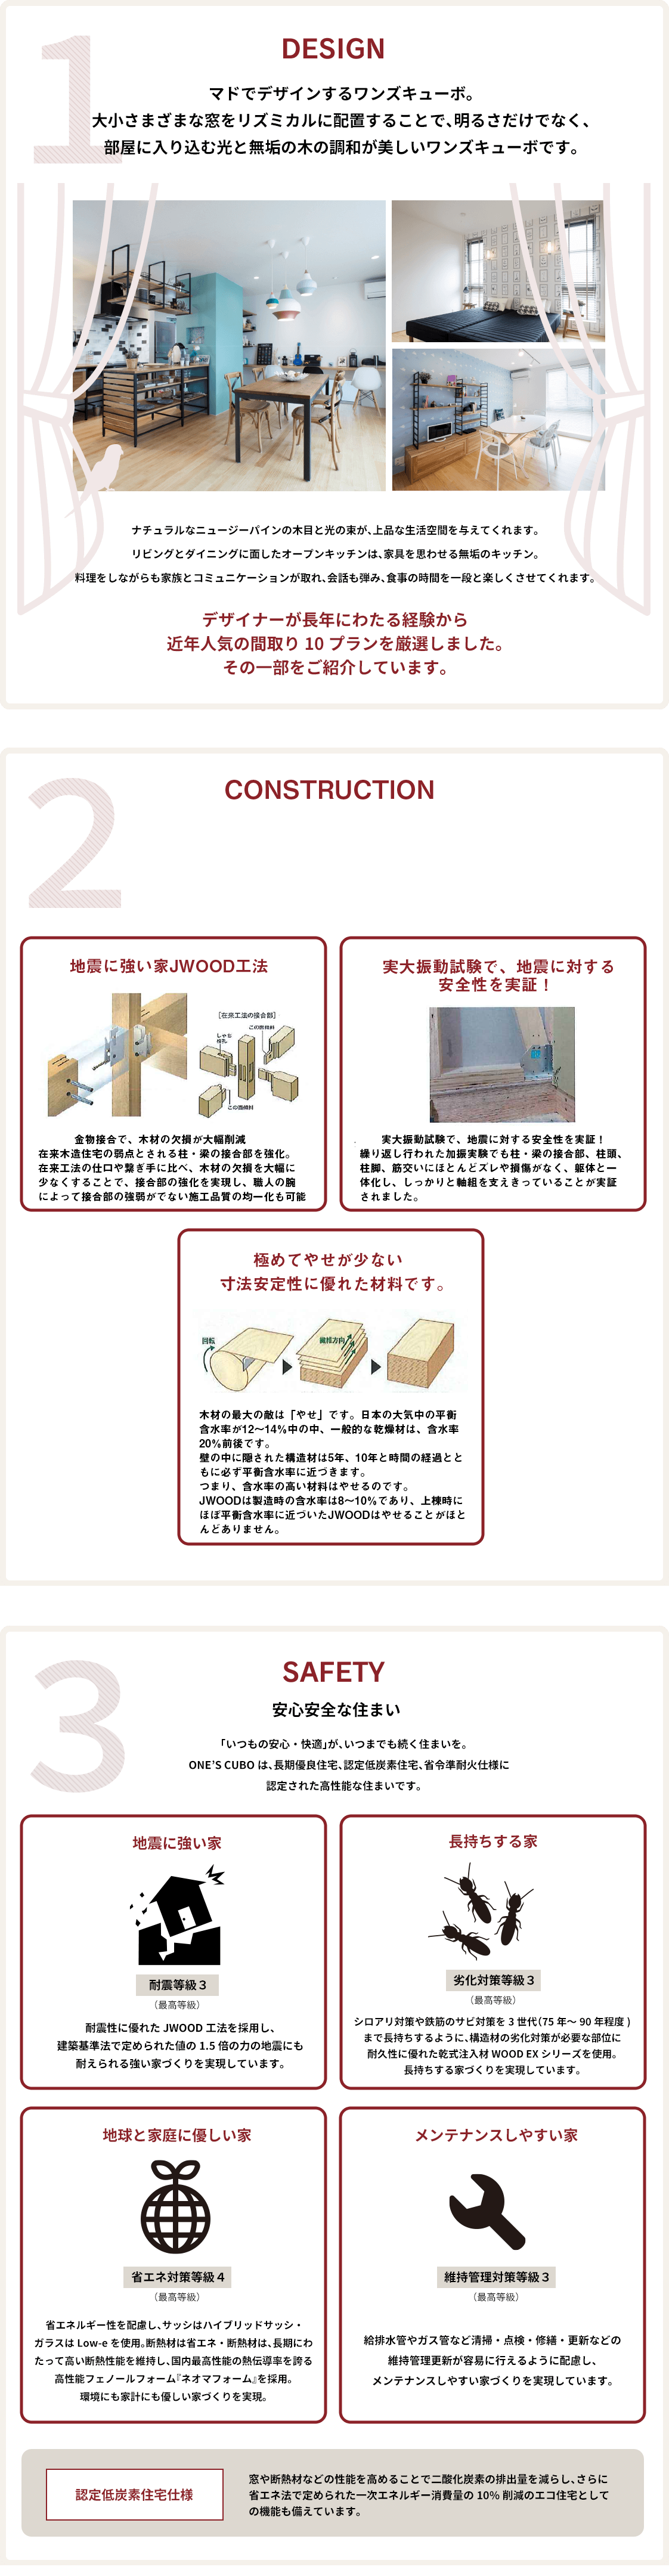 1. Design マドでデザインするワンズキューボ。大小さまざまな窓をリズミカルに配置することで、明るさだけでなく、部屋に入り込む光と無垢の木の調和が美しいワンズキューボです。 2. Safety 安心安全な住まい 「いつもの安心・快適」が、いつまでも続く住まいを。ONE'S CUBOは、長期優良住宅、認定低炭素住宅、省令準耐火仕様に認定された高性能な住まいです。地震に強い家 長持ちする家 地球と家庭に優しい家 メンテナンスしやすい家 認定低炭素住宅仕様